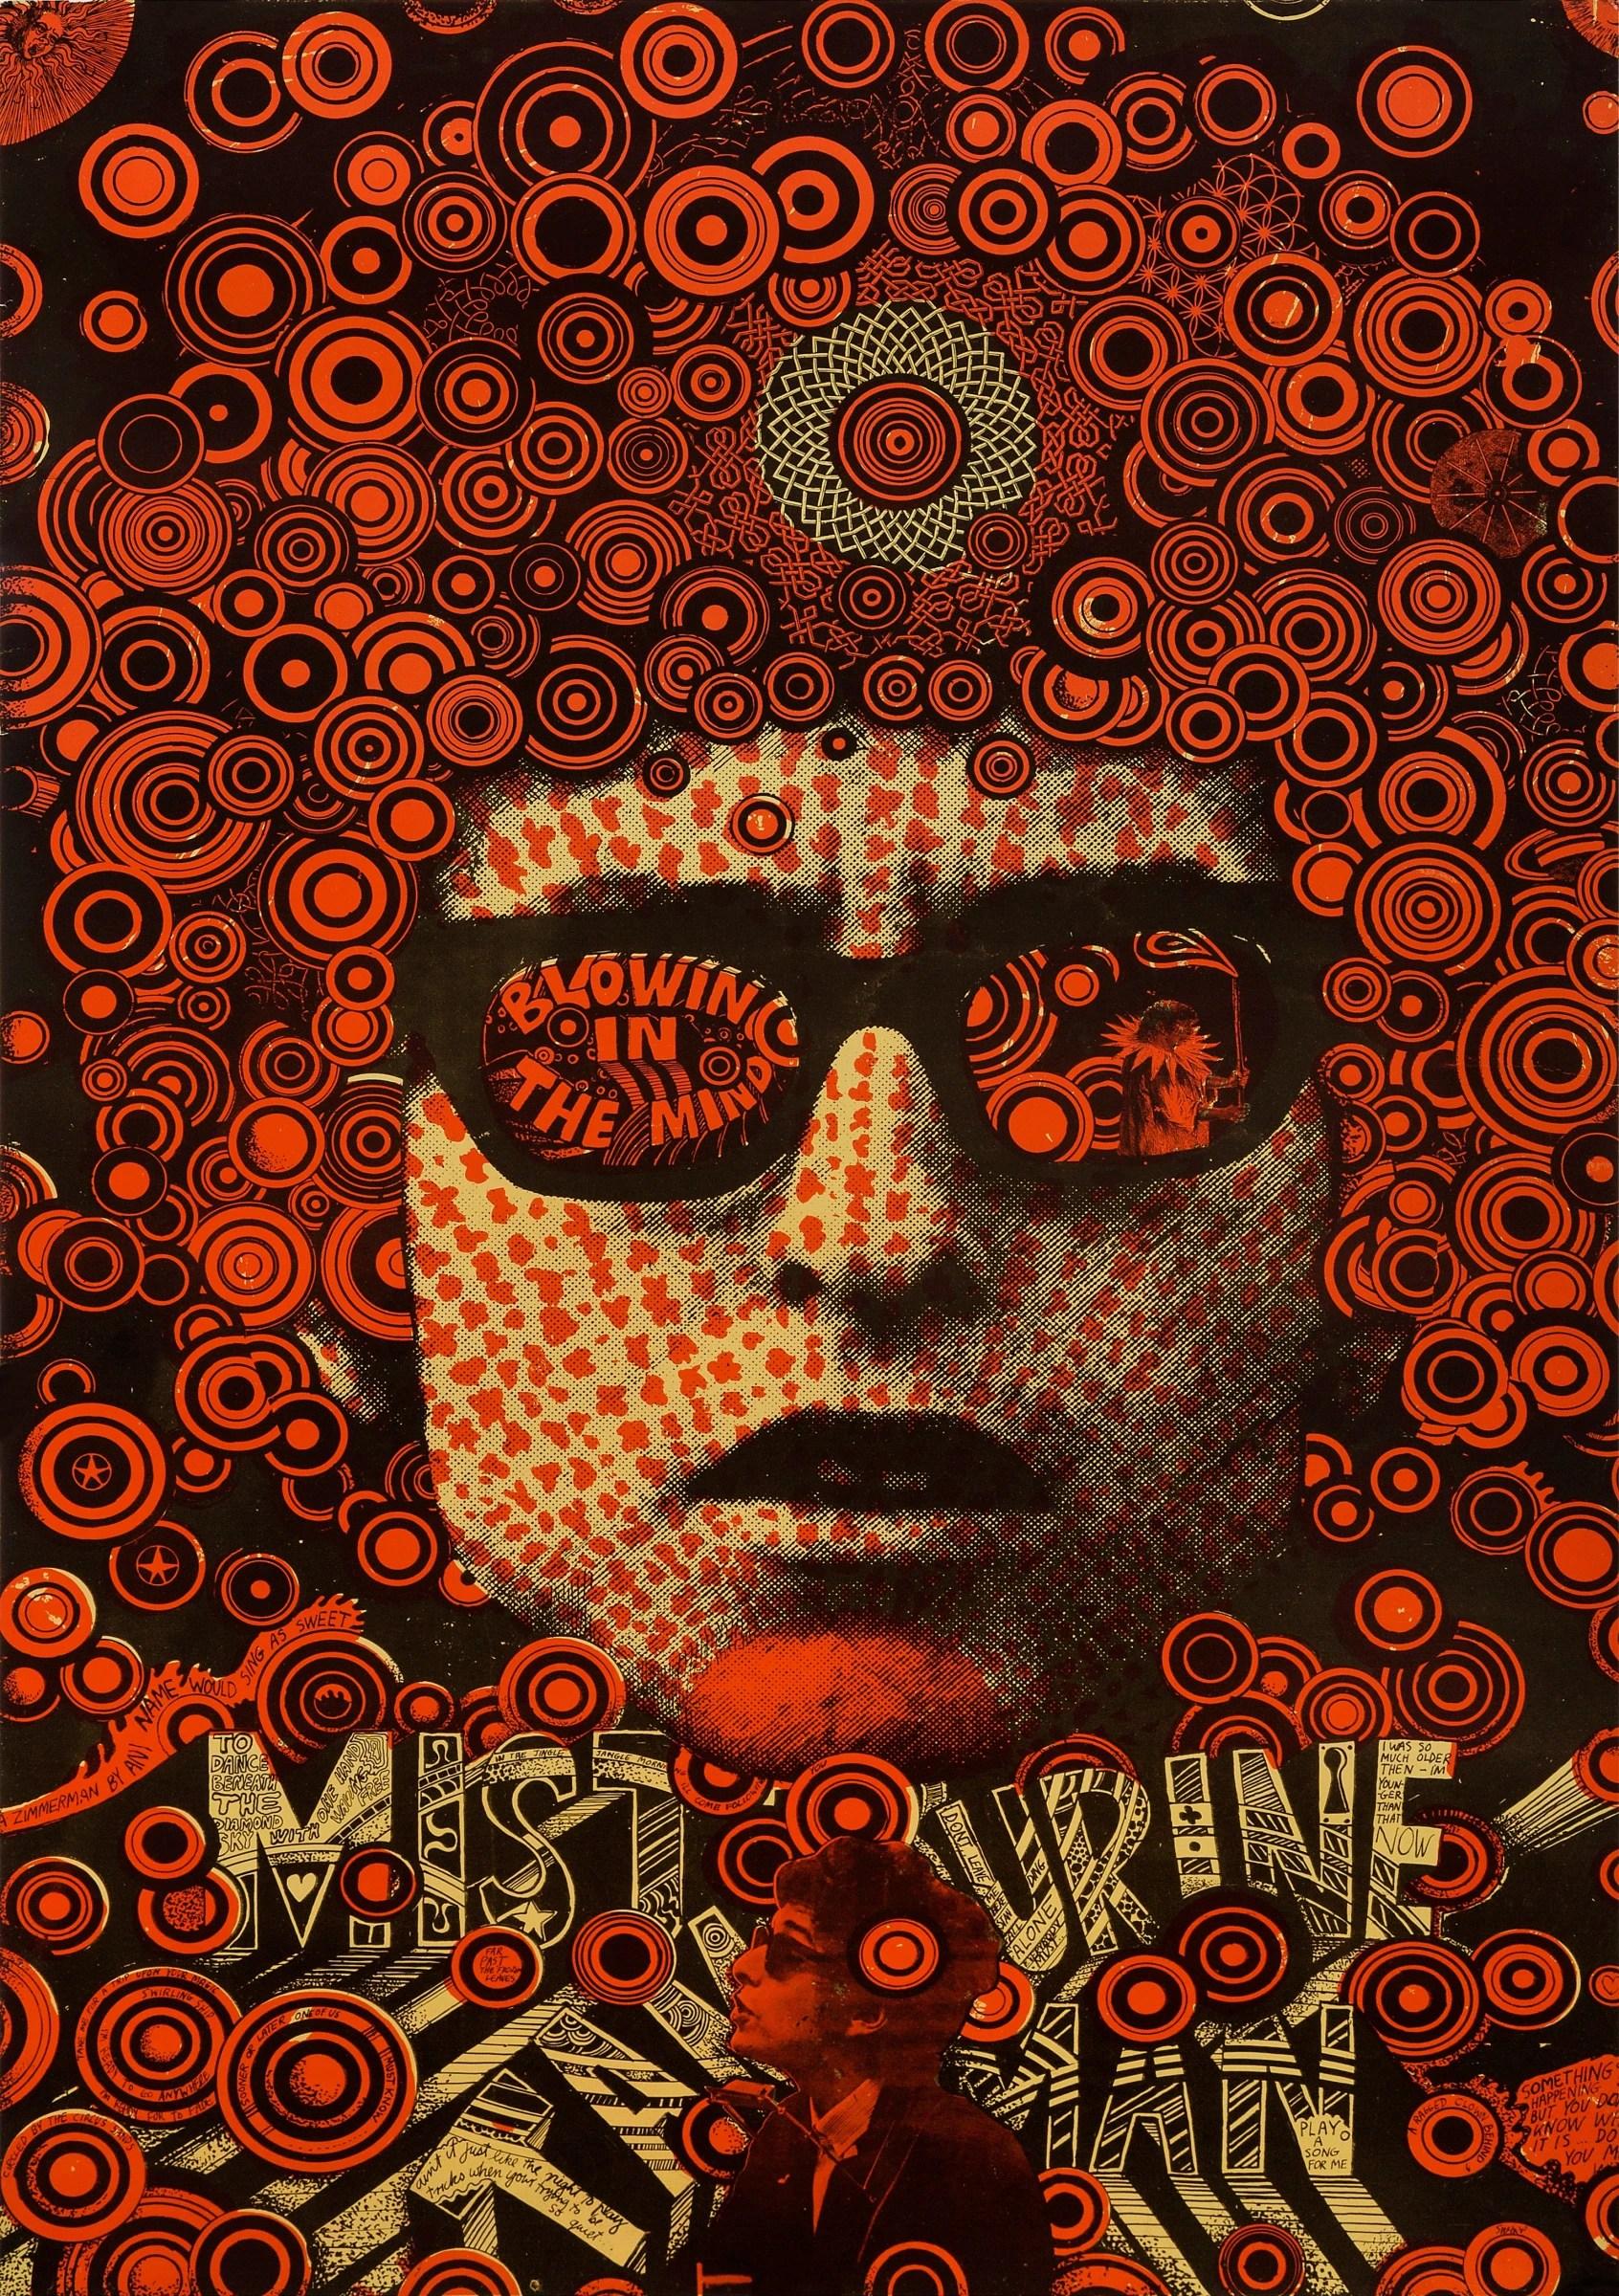 martin sharp bob dylan 1967 rock